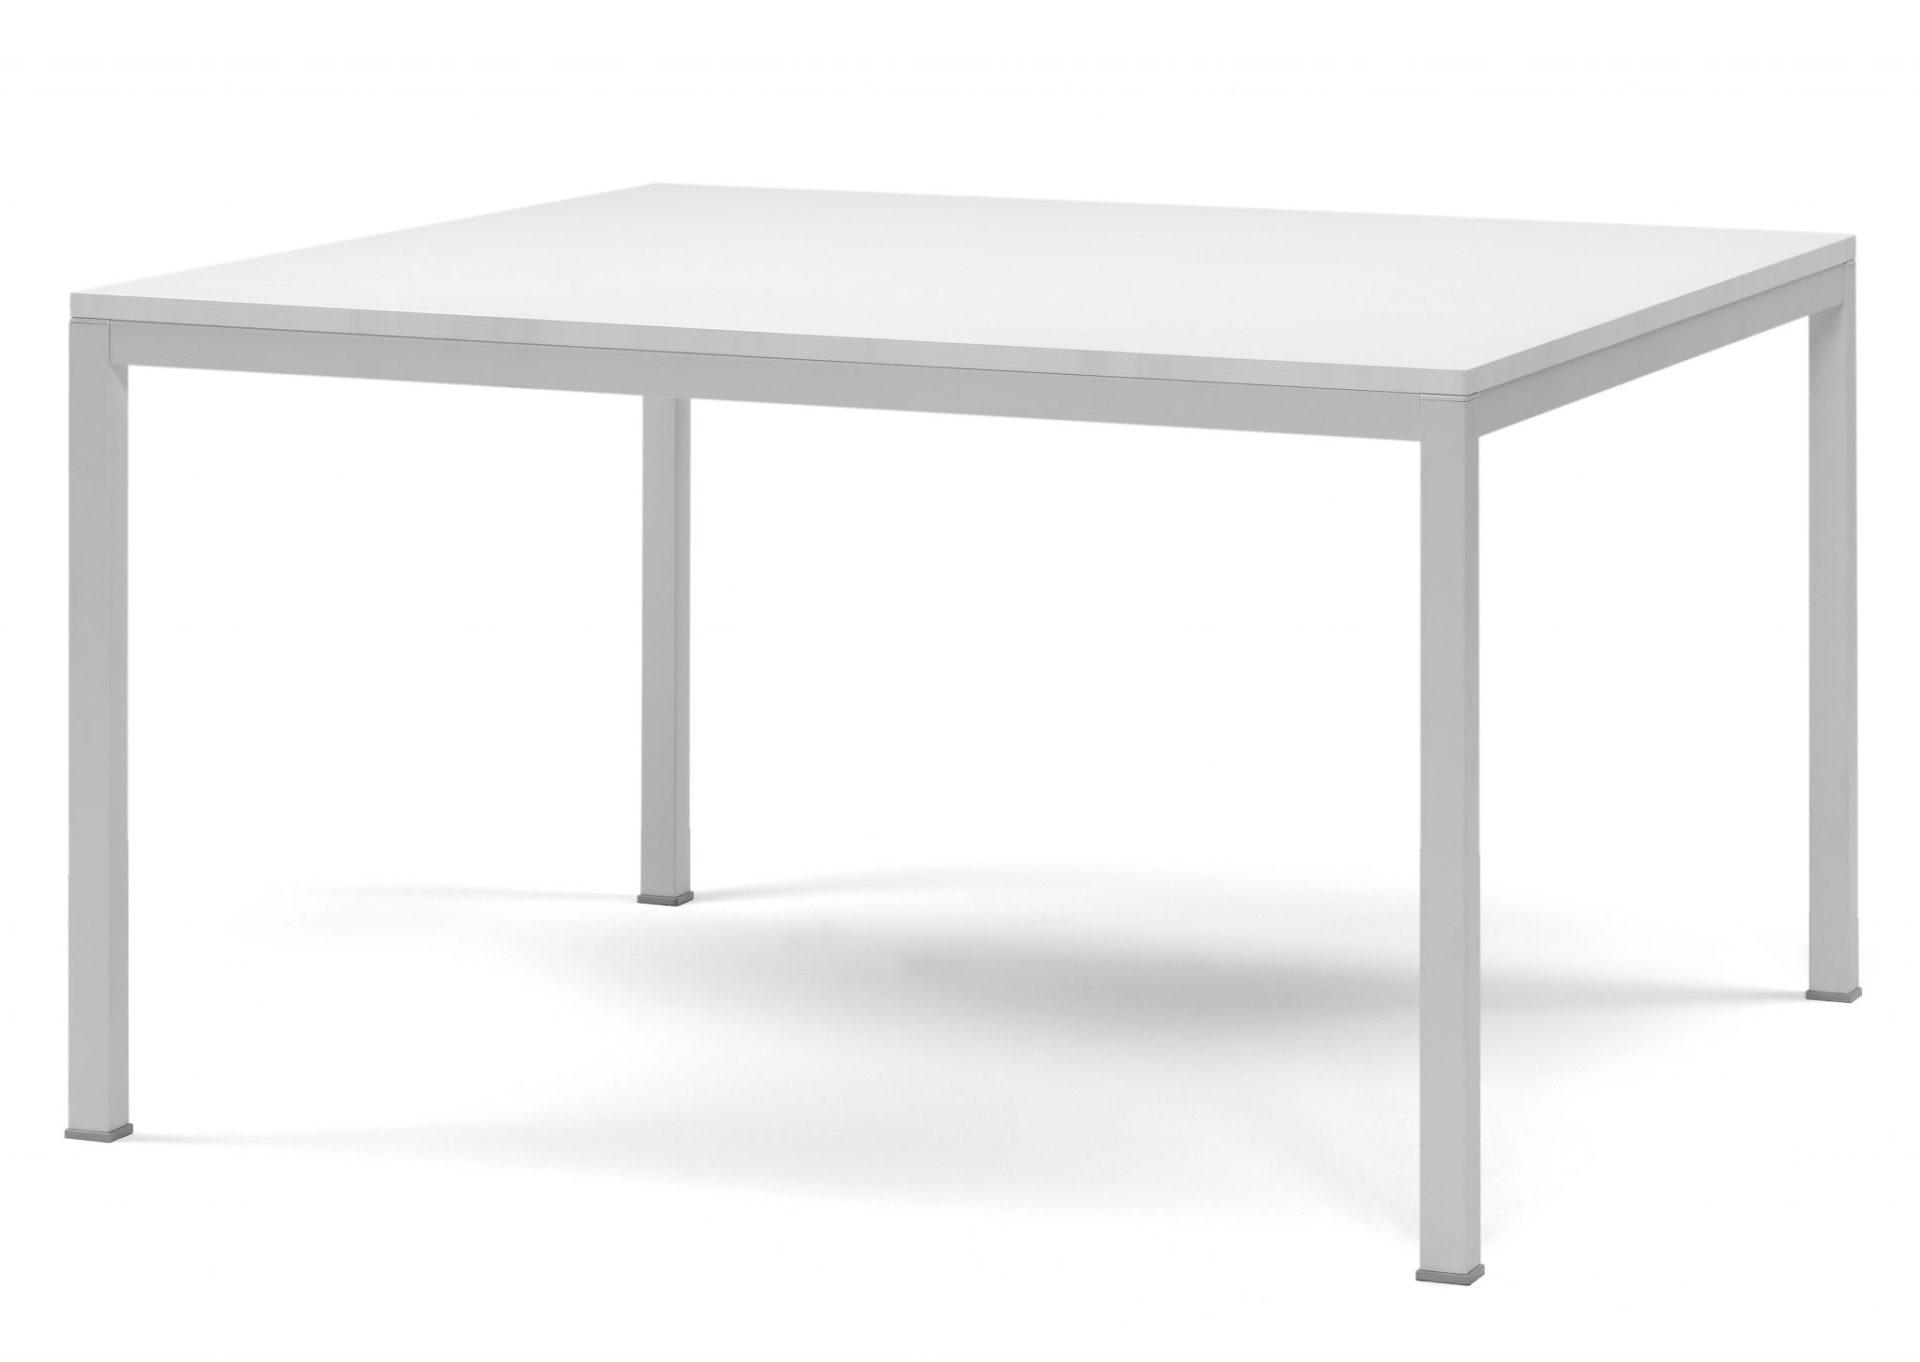 Kuadro bord - findes i forskellige størrelser